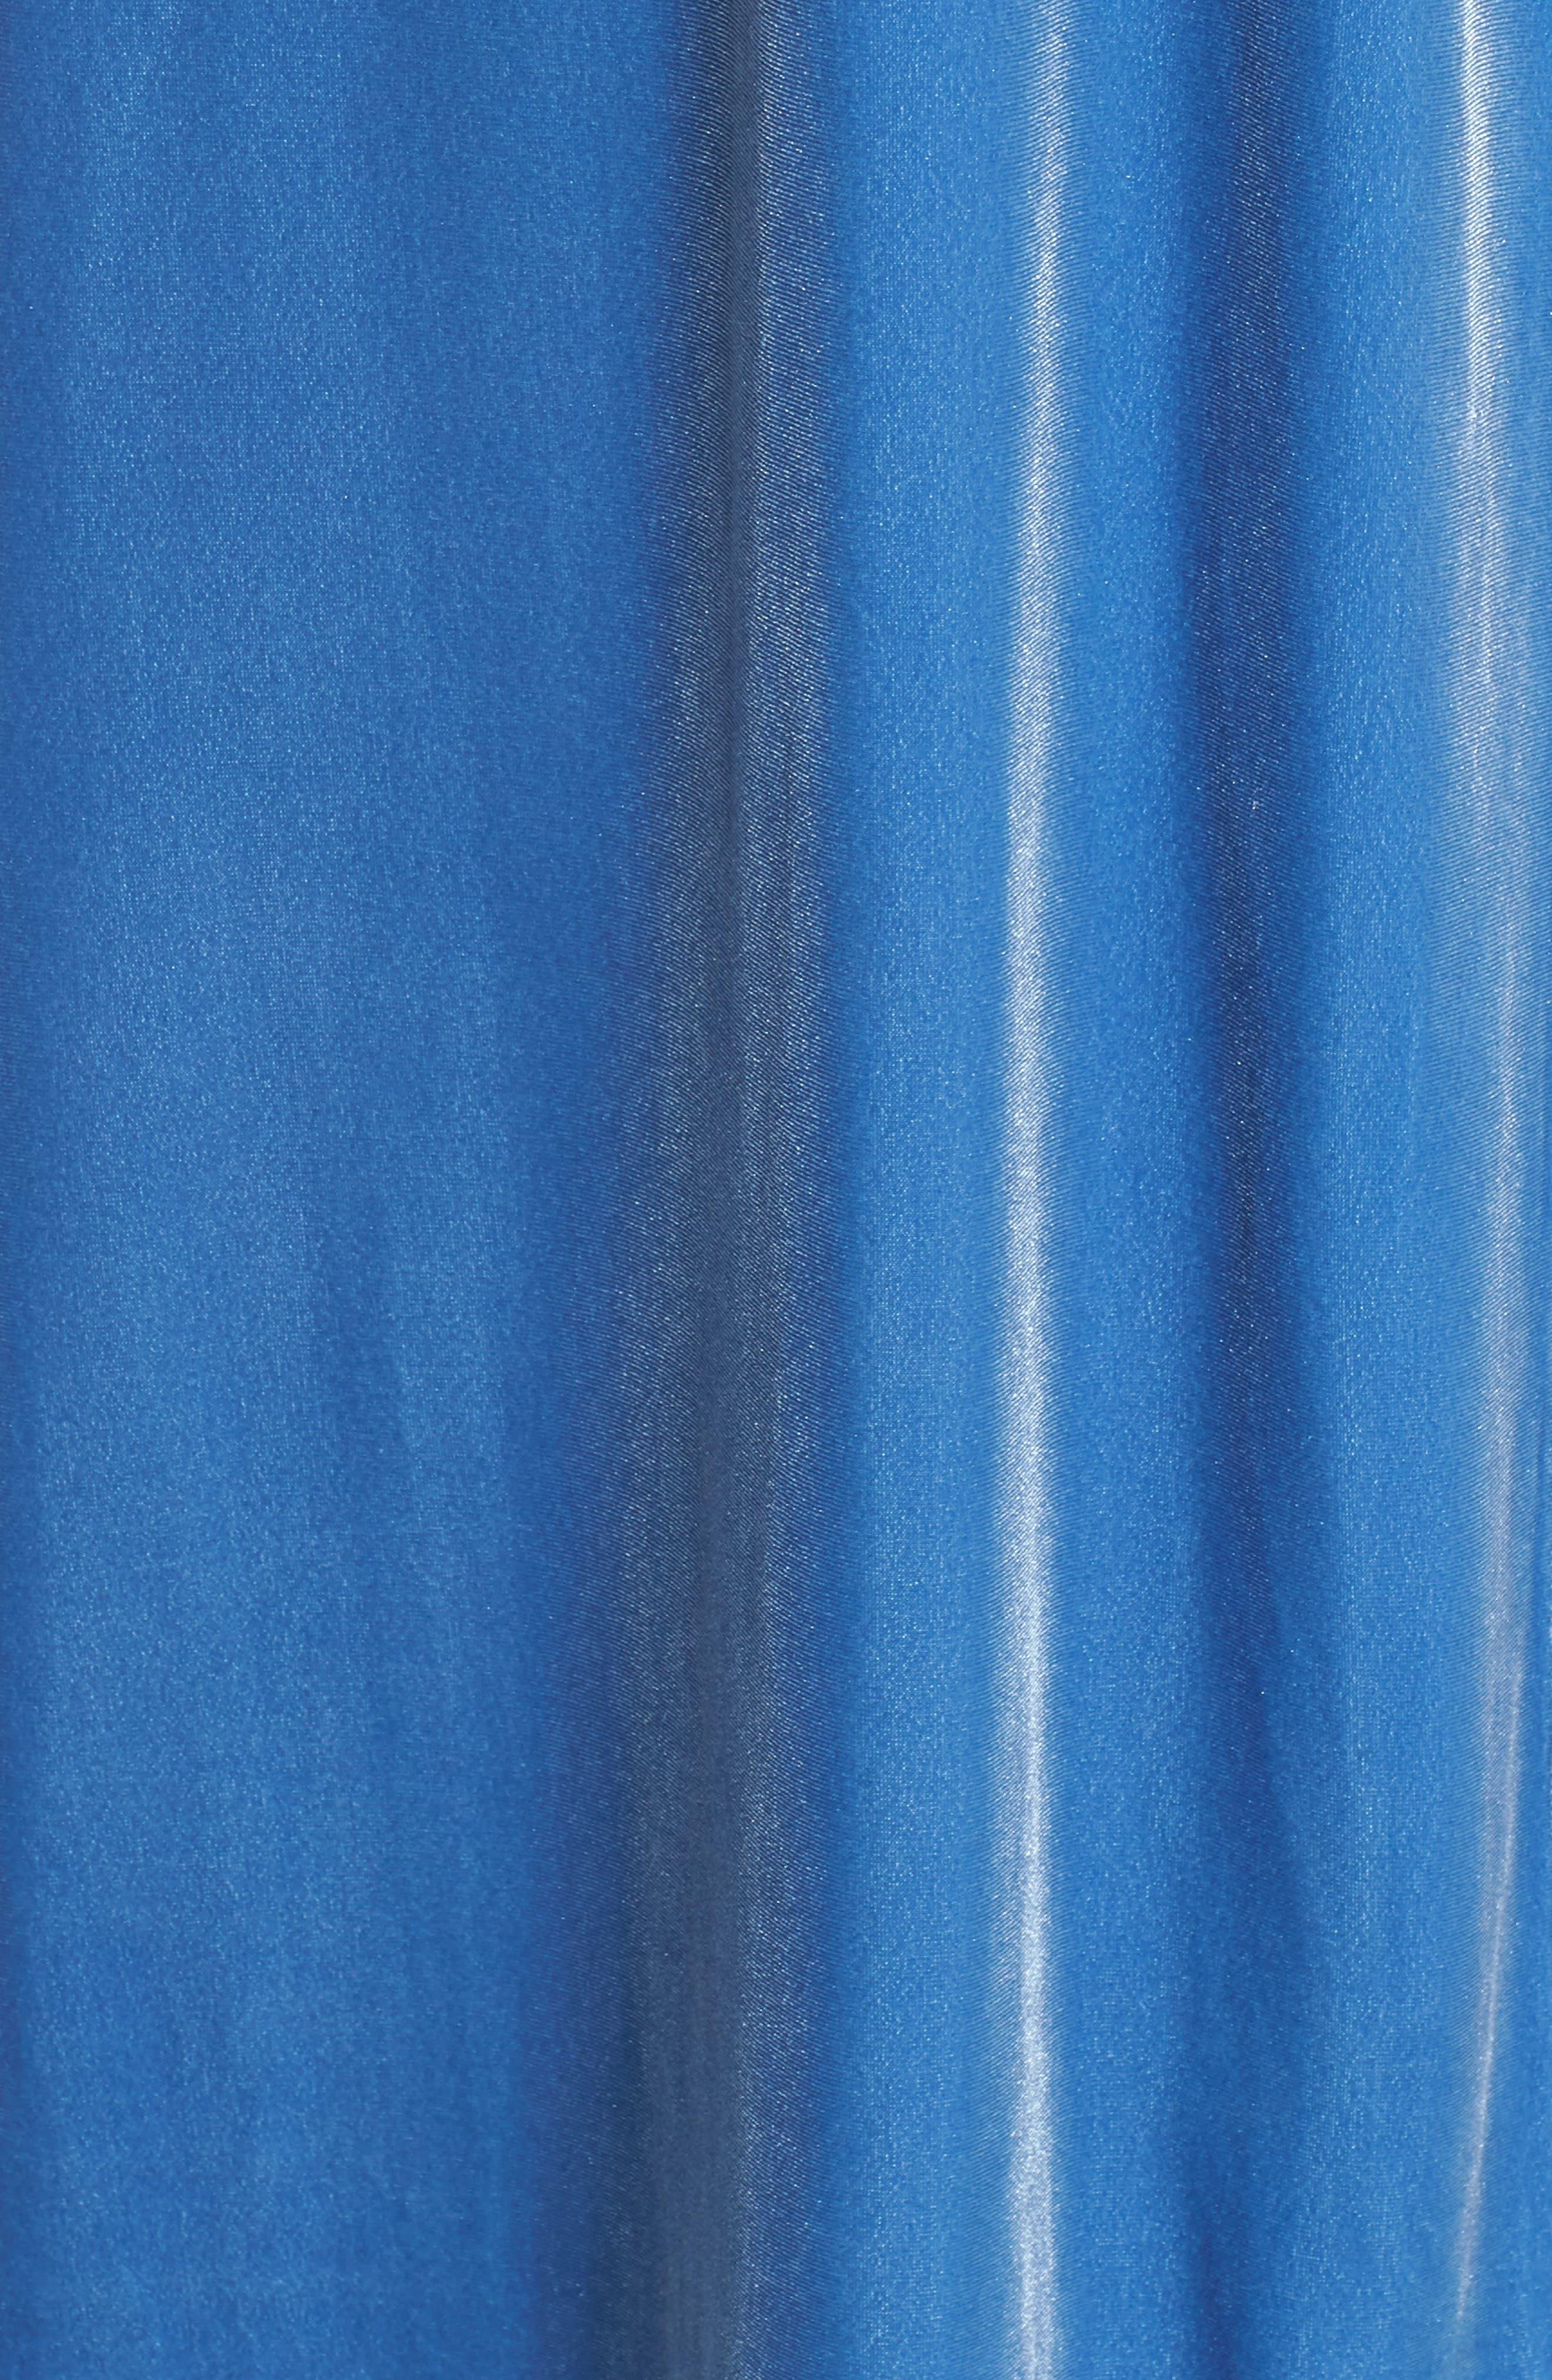 Dream Away Velour Robe,                             Alternate thumbnail 5, color,                             BLUE DELFT